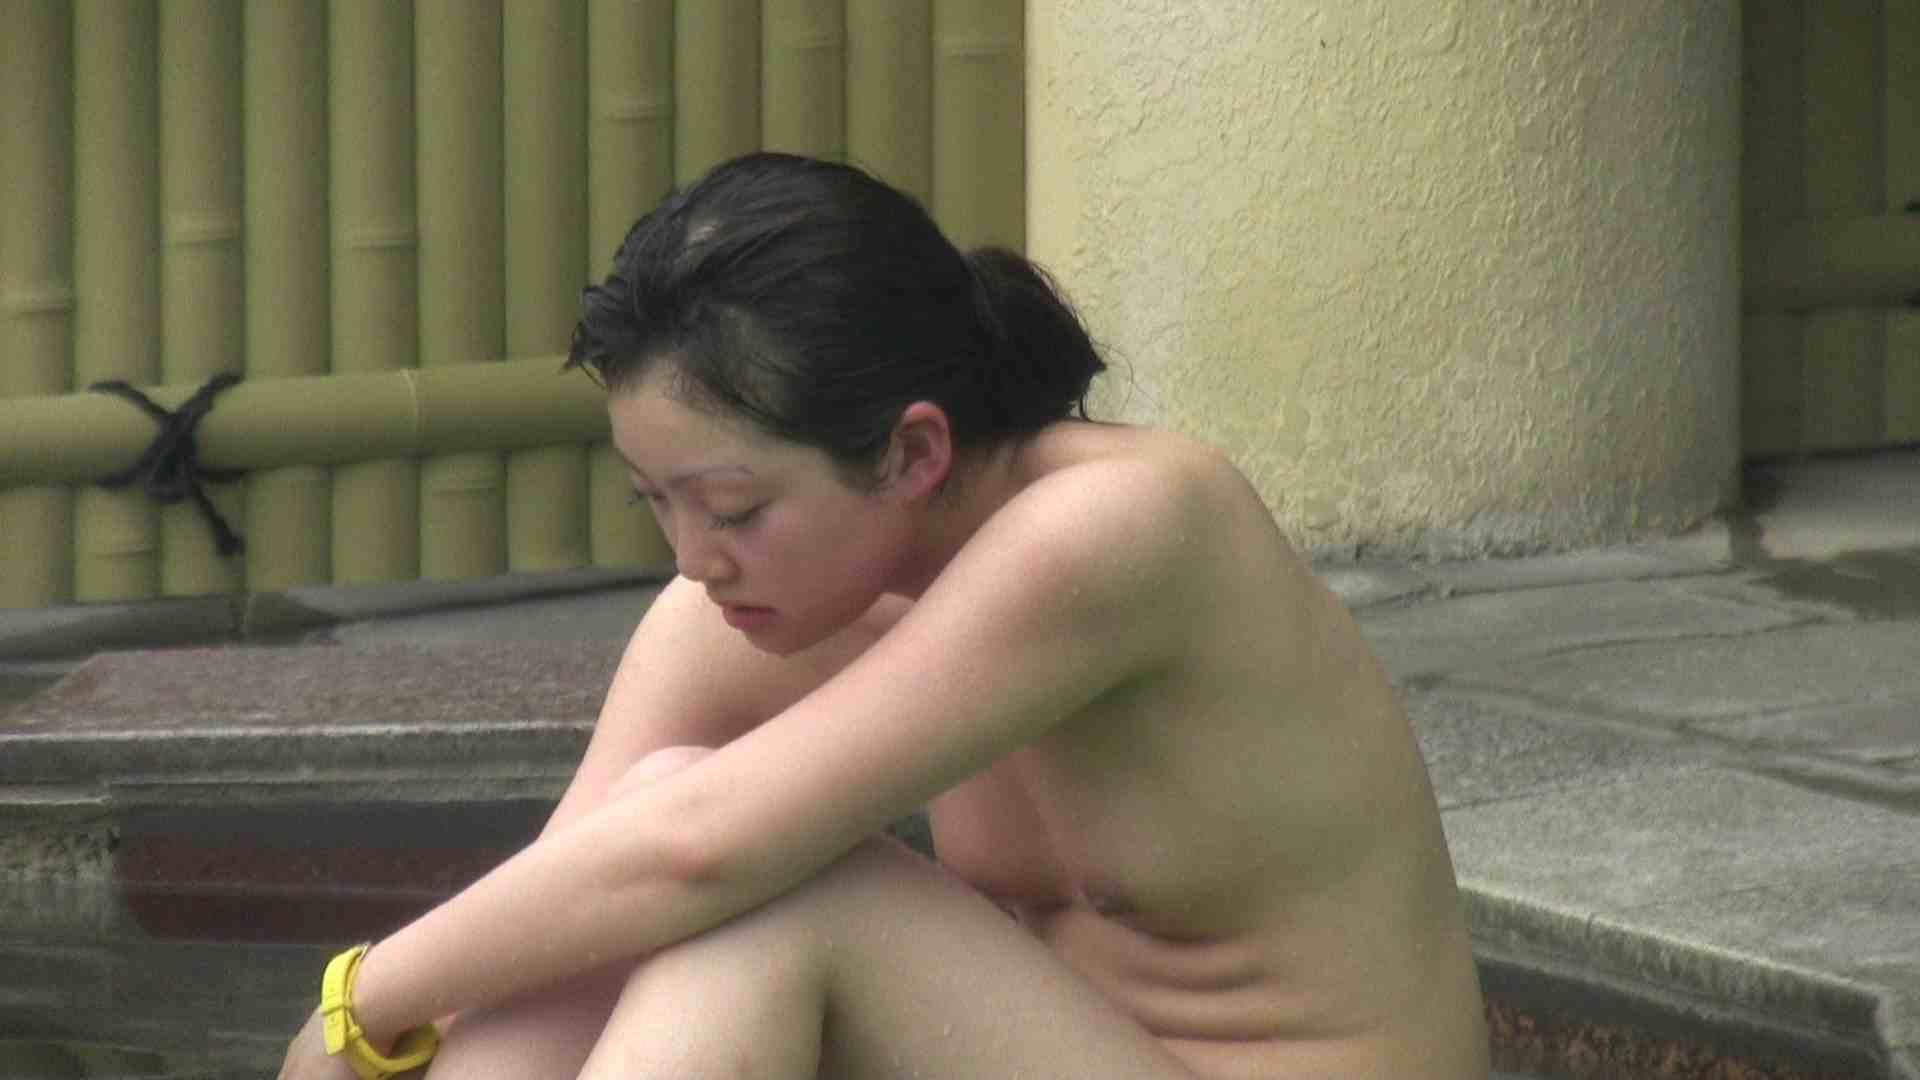 Aquaな露天風呂Vol.126 OLのエロ生活 戯れ無修正画像 72連発 11